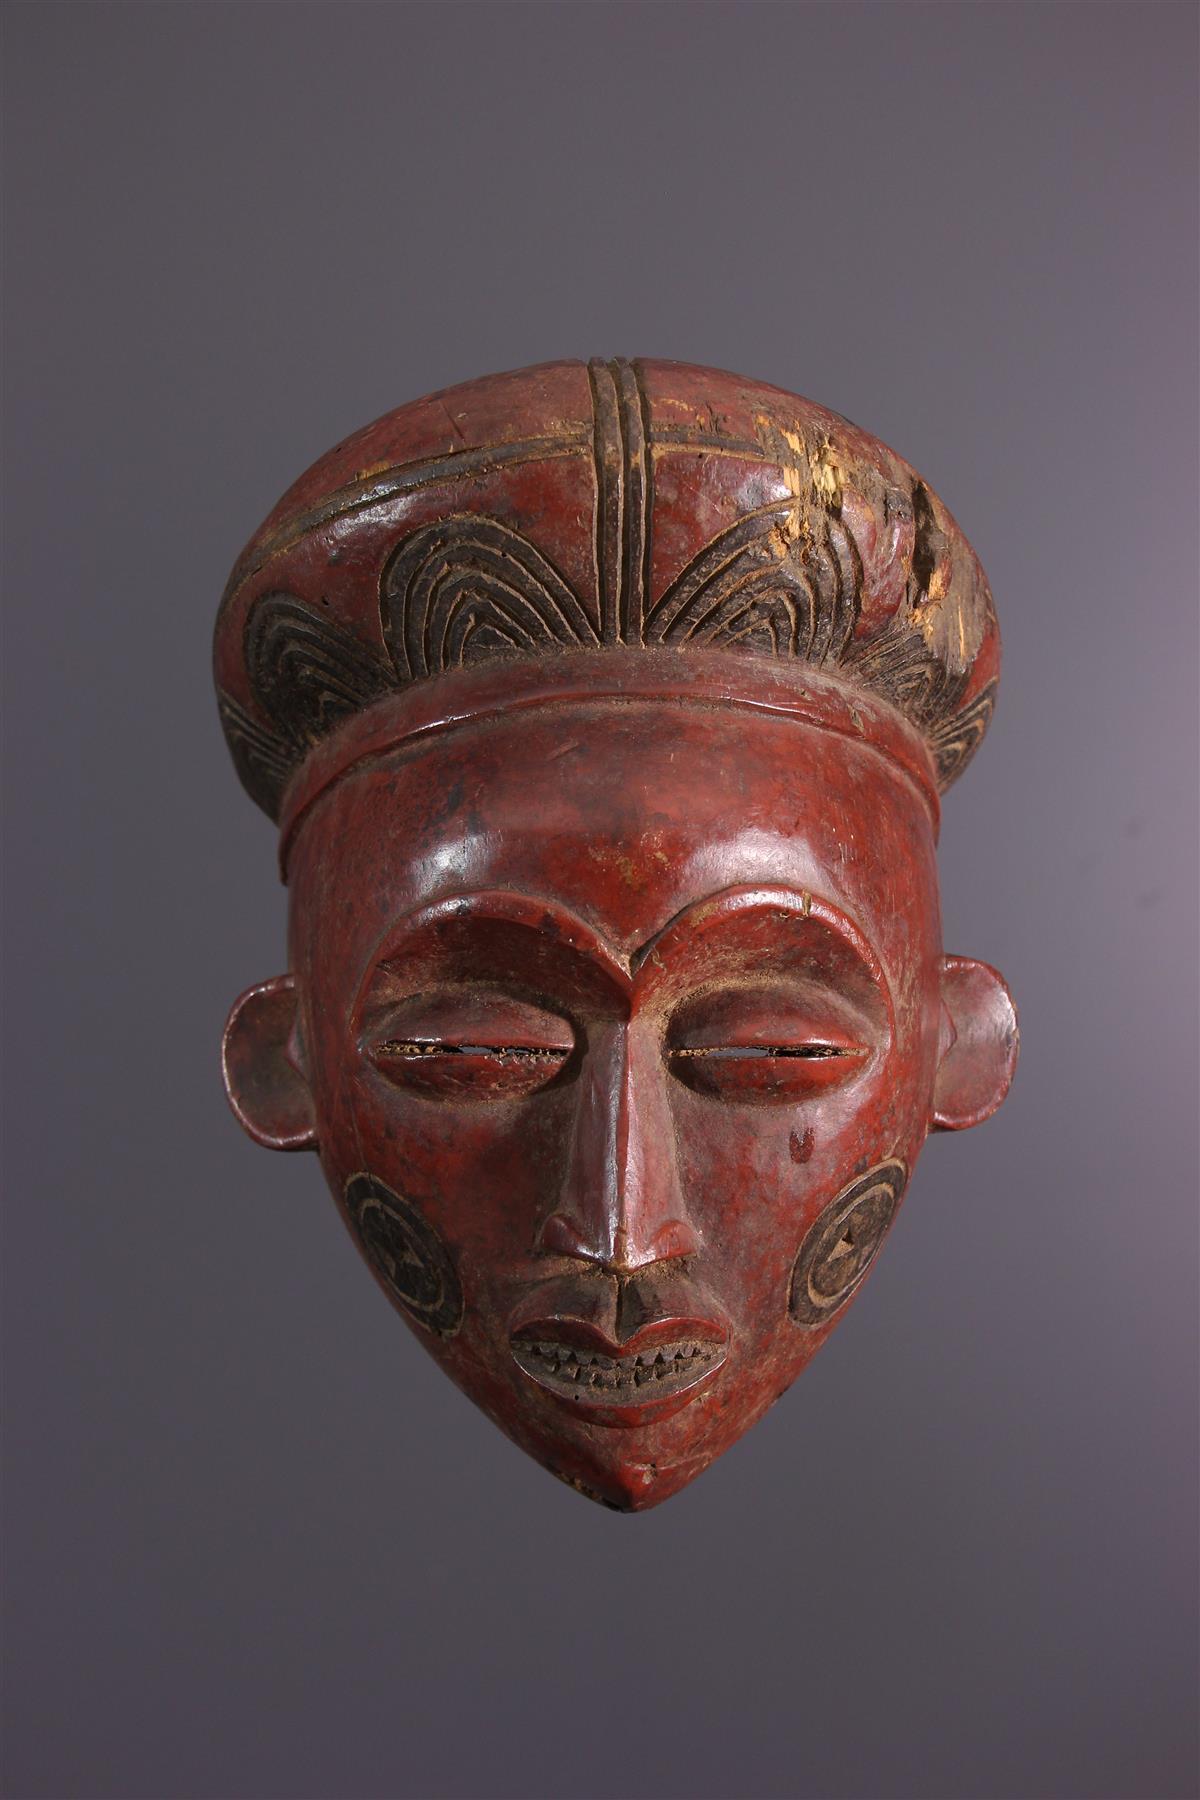 Masque Chokwe - Art africain